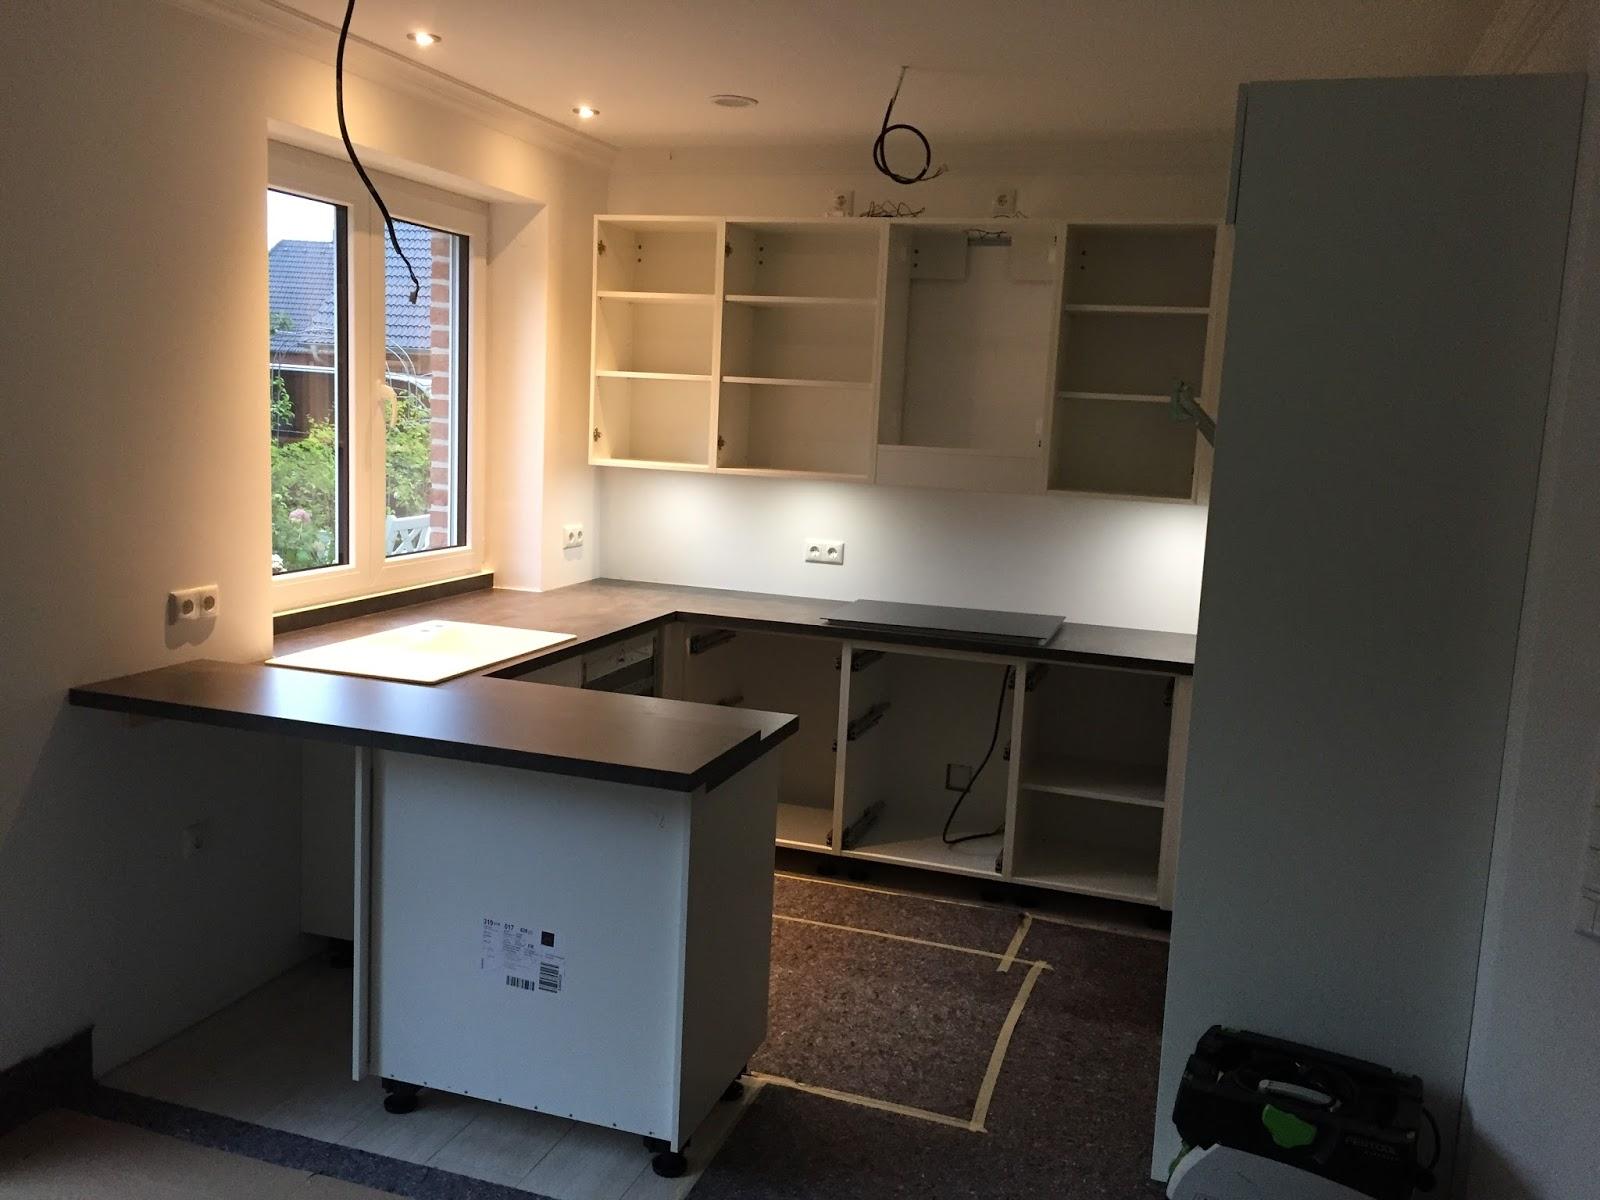 Unser Hausbau am Wäldchen: Die Küche kommt!